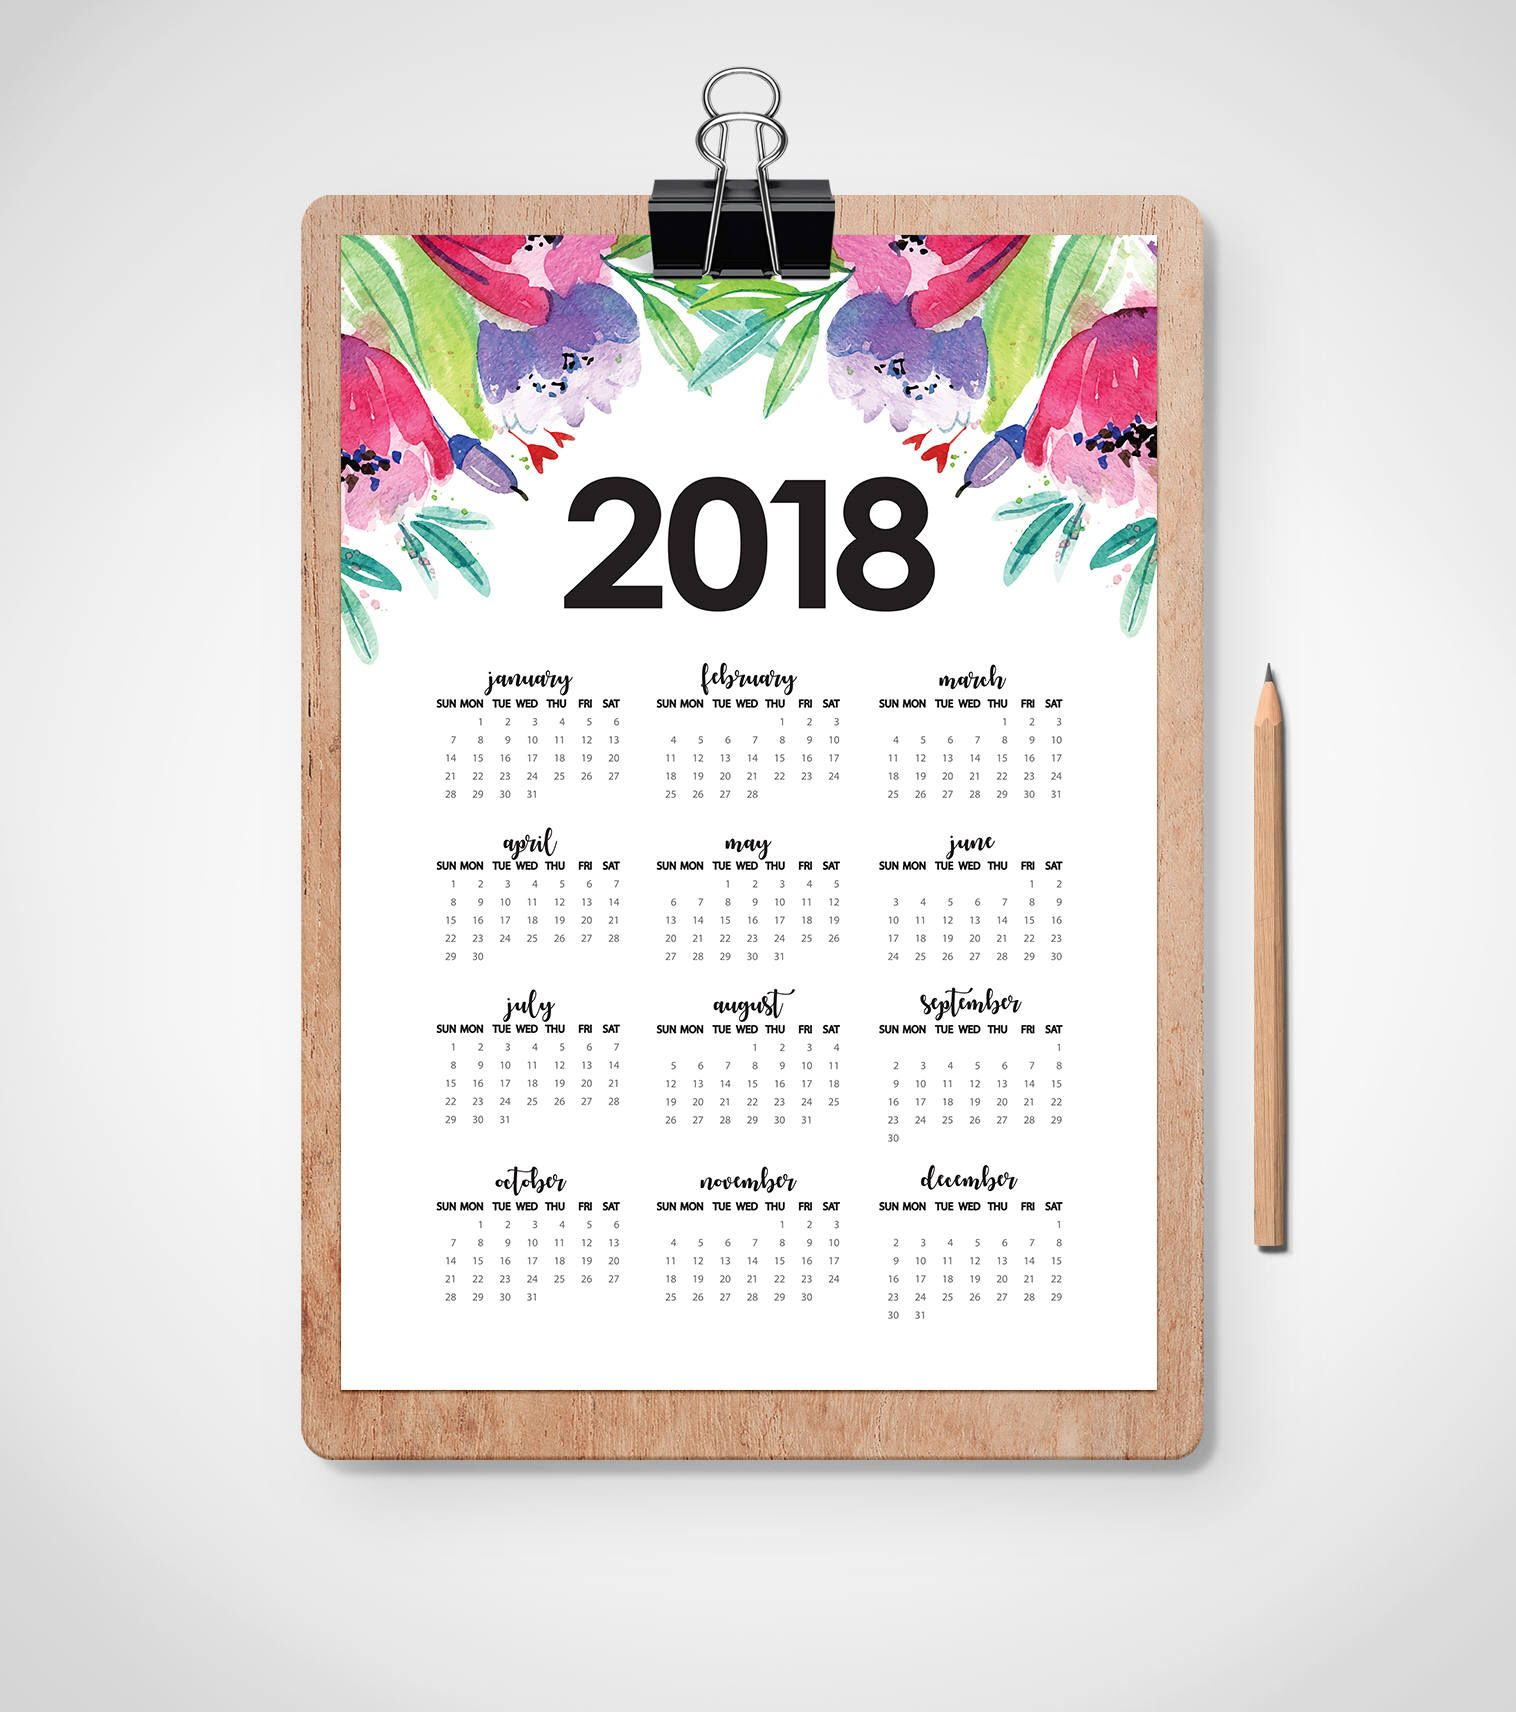 minimal 2018 wall calendar 2018 year calendar 70 x50 cm landscape calendar yearly calendar large printable calendar di quoteartshop su etsy